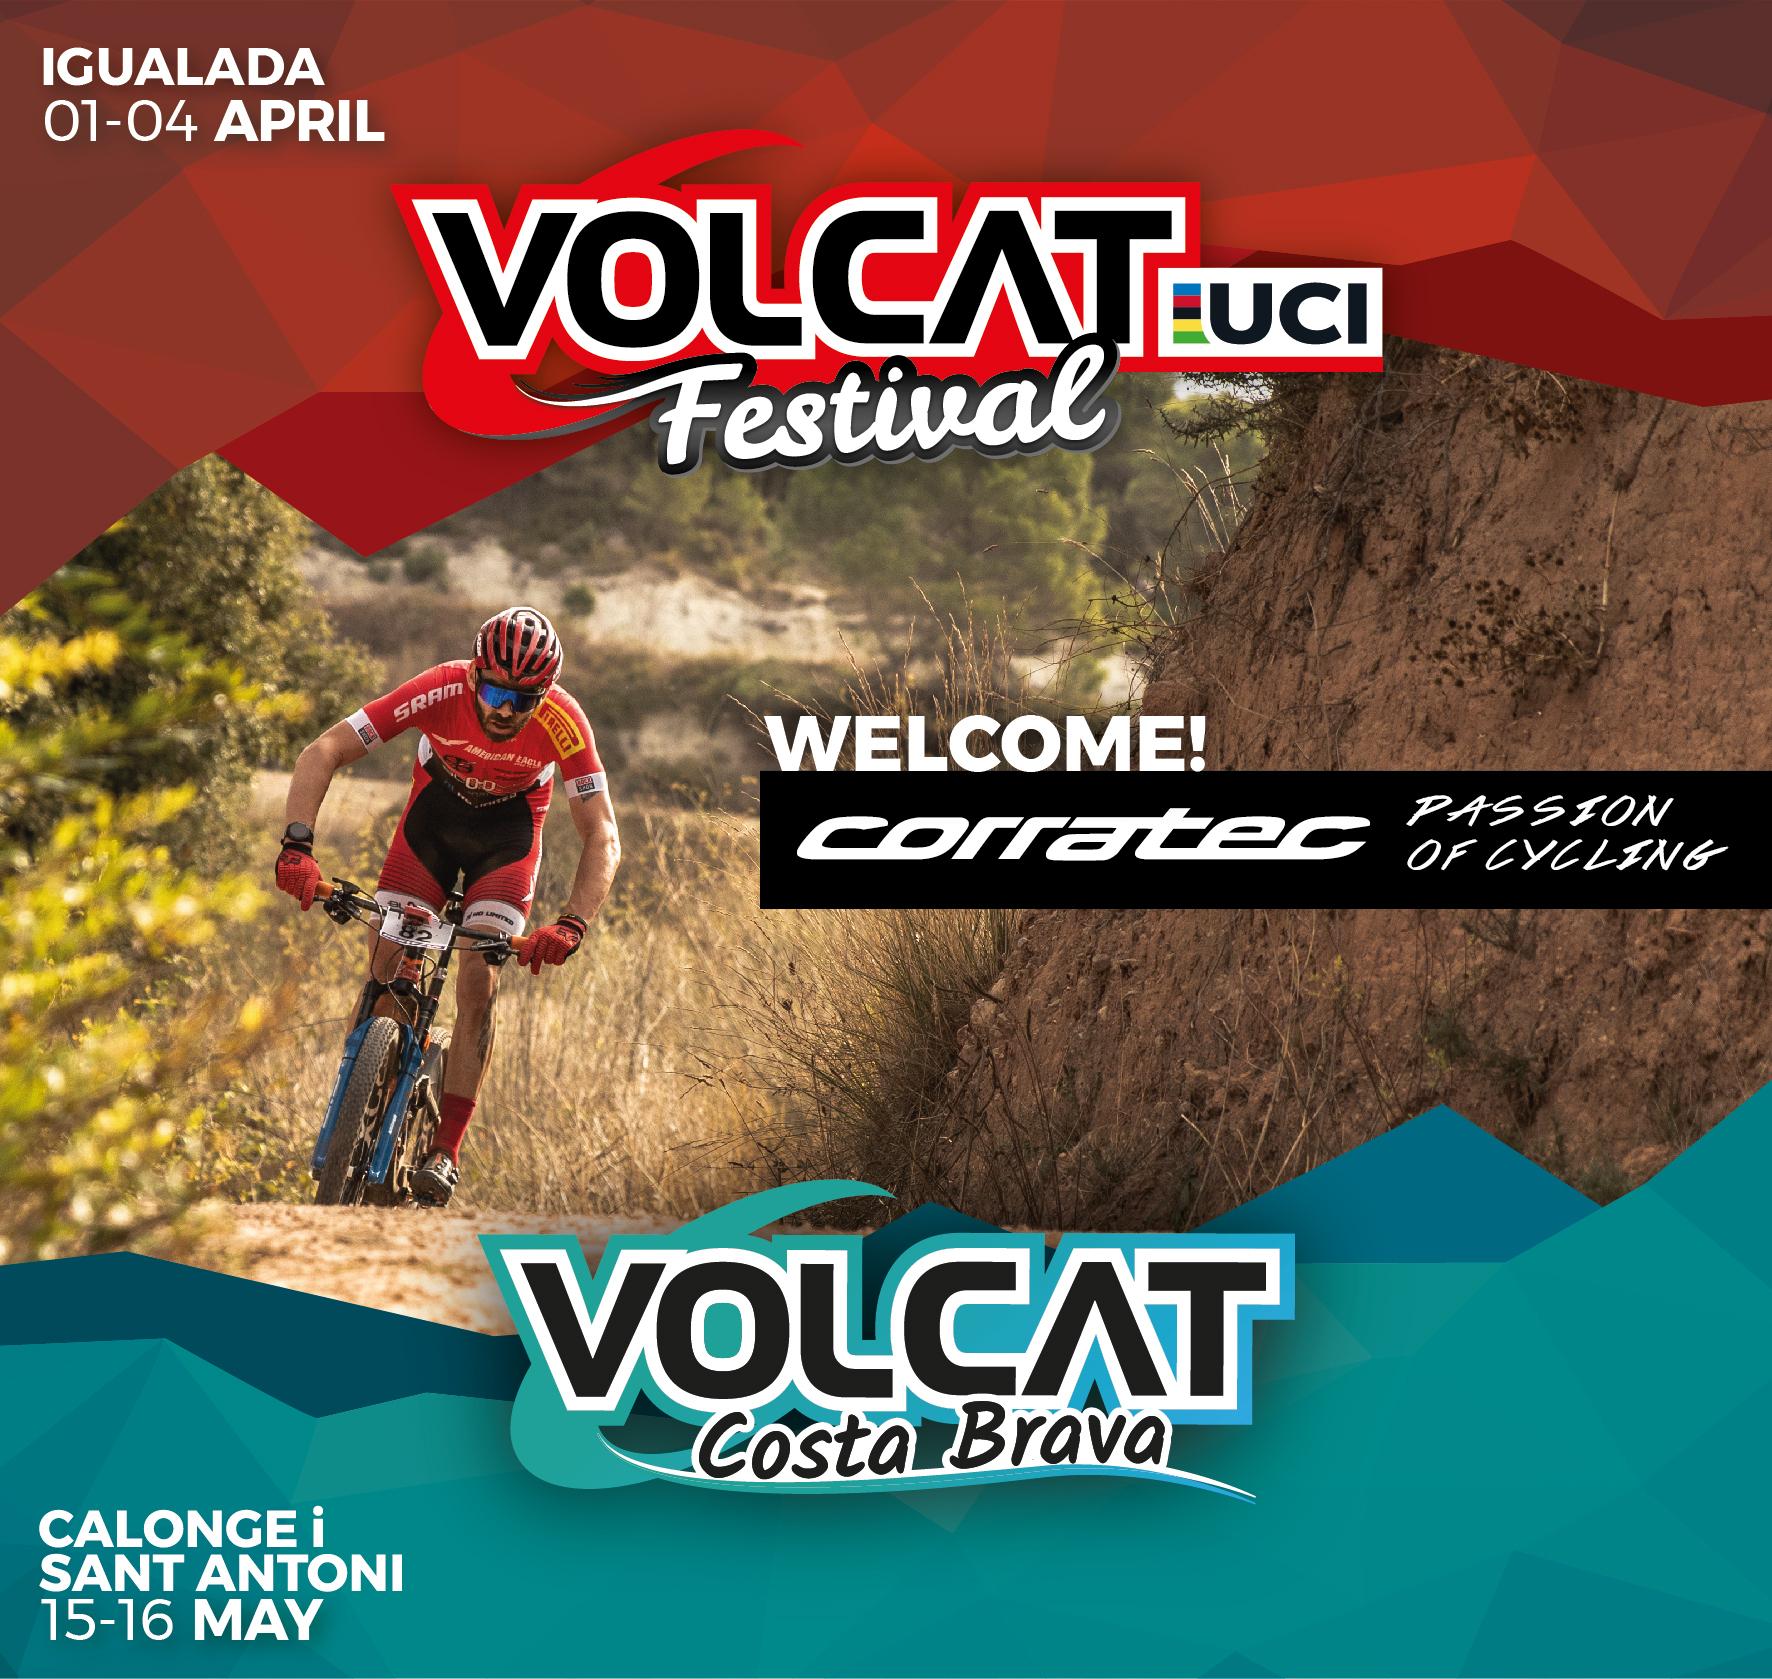 Corratec se convierte en el patrocinador principal de la VolCAT